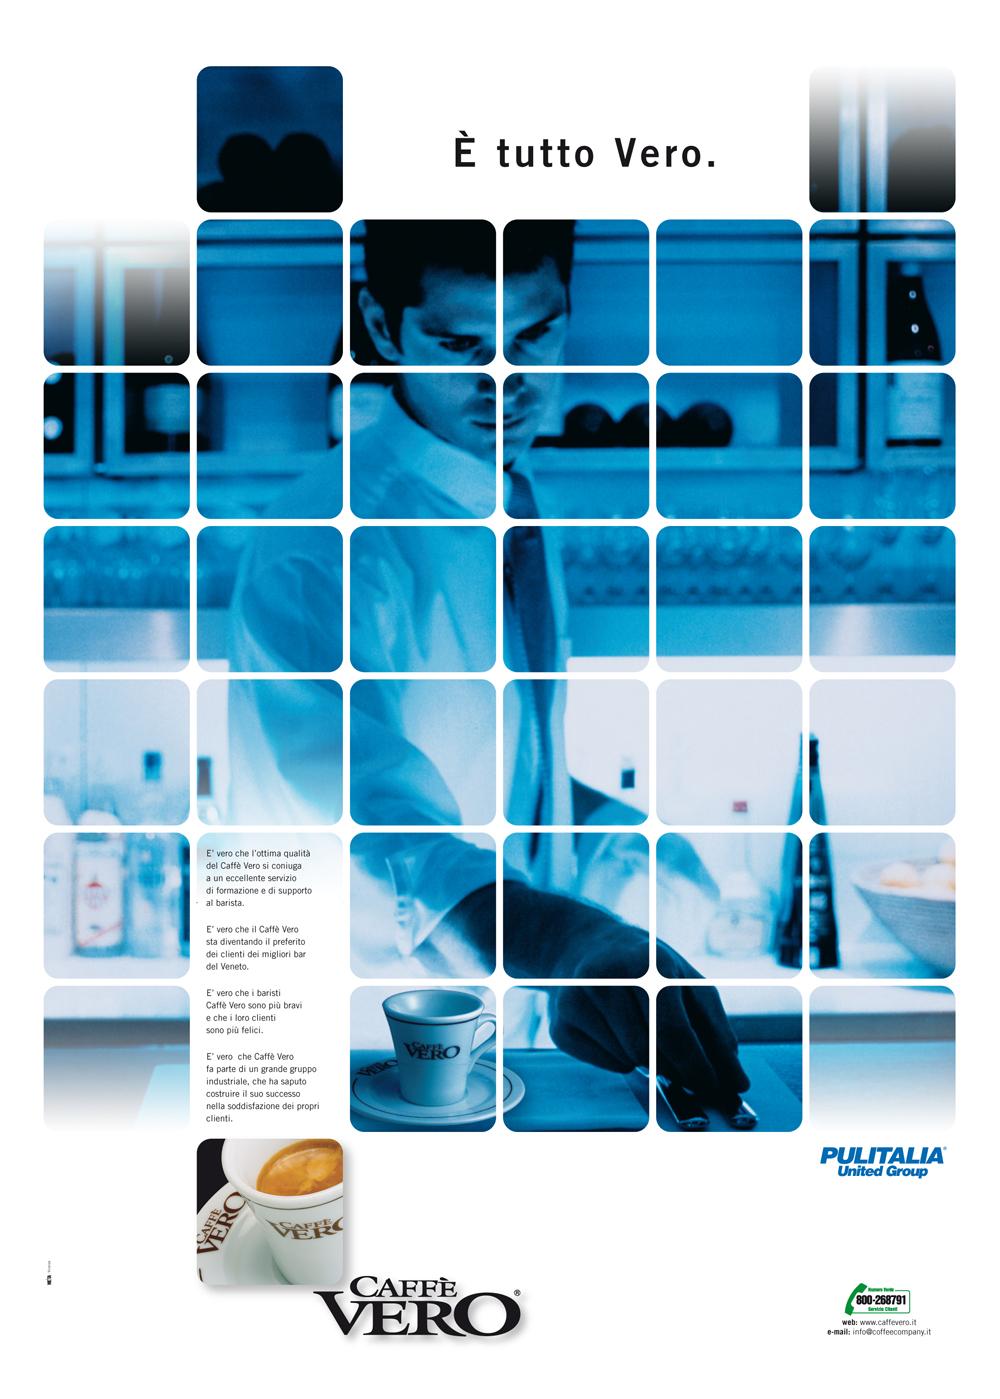 Advertising-Campagna pubblicitaria CaffeVero